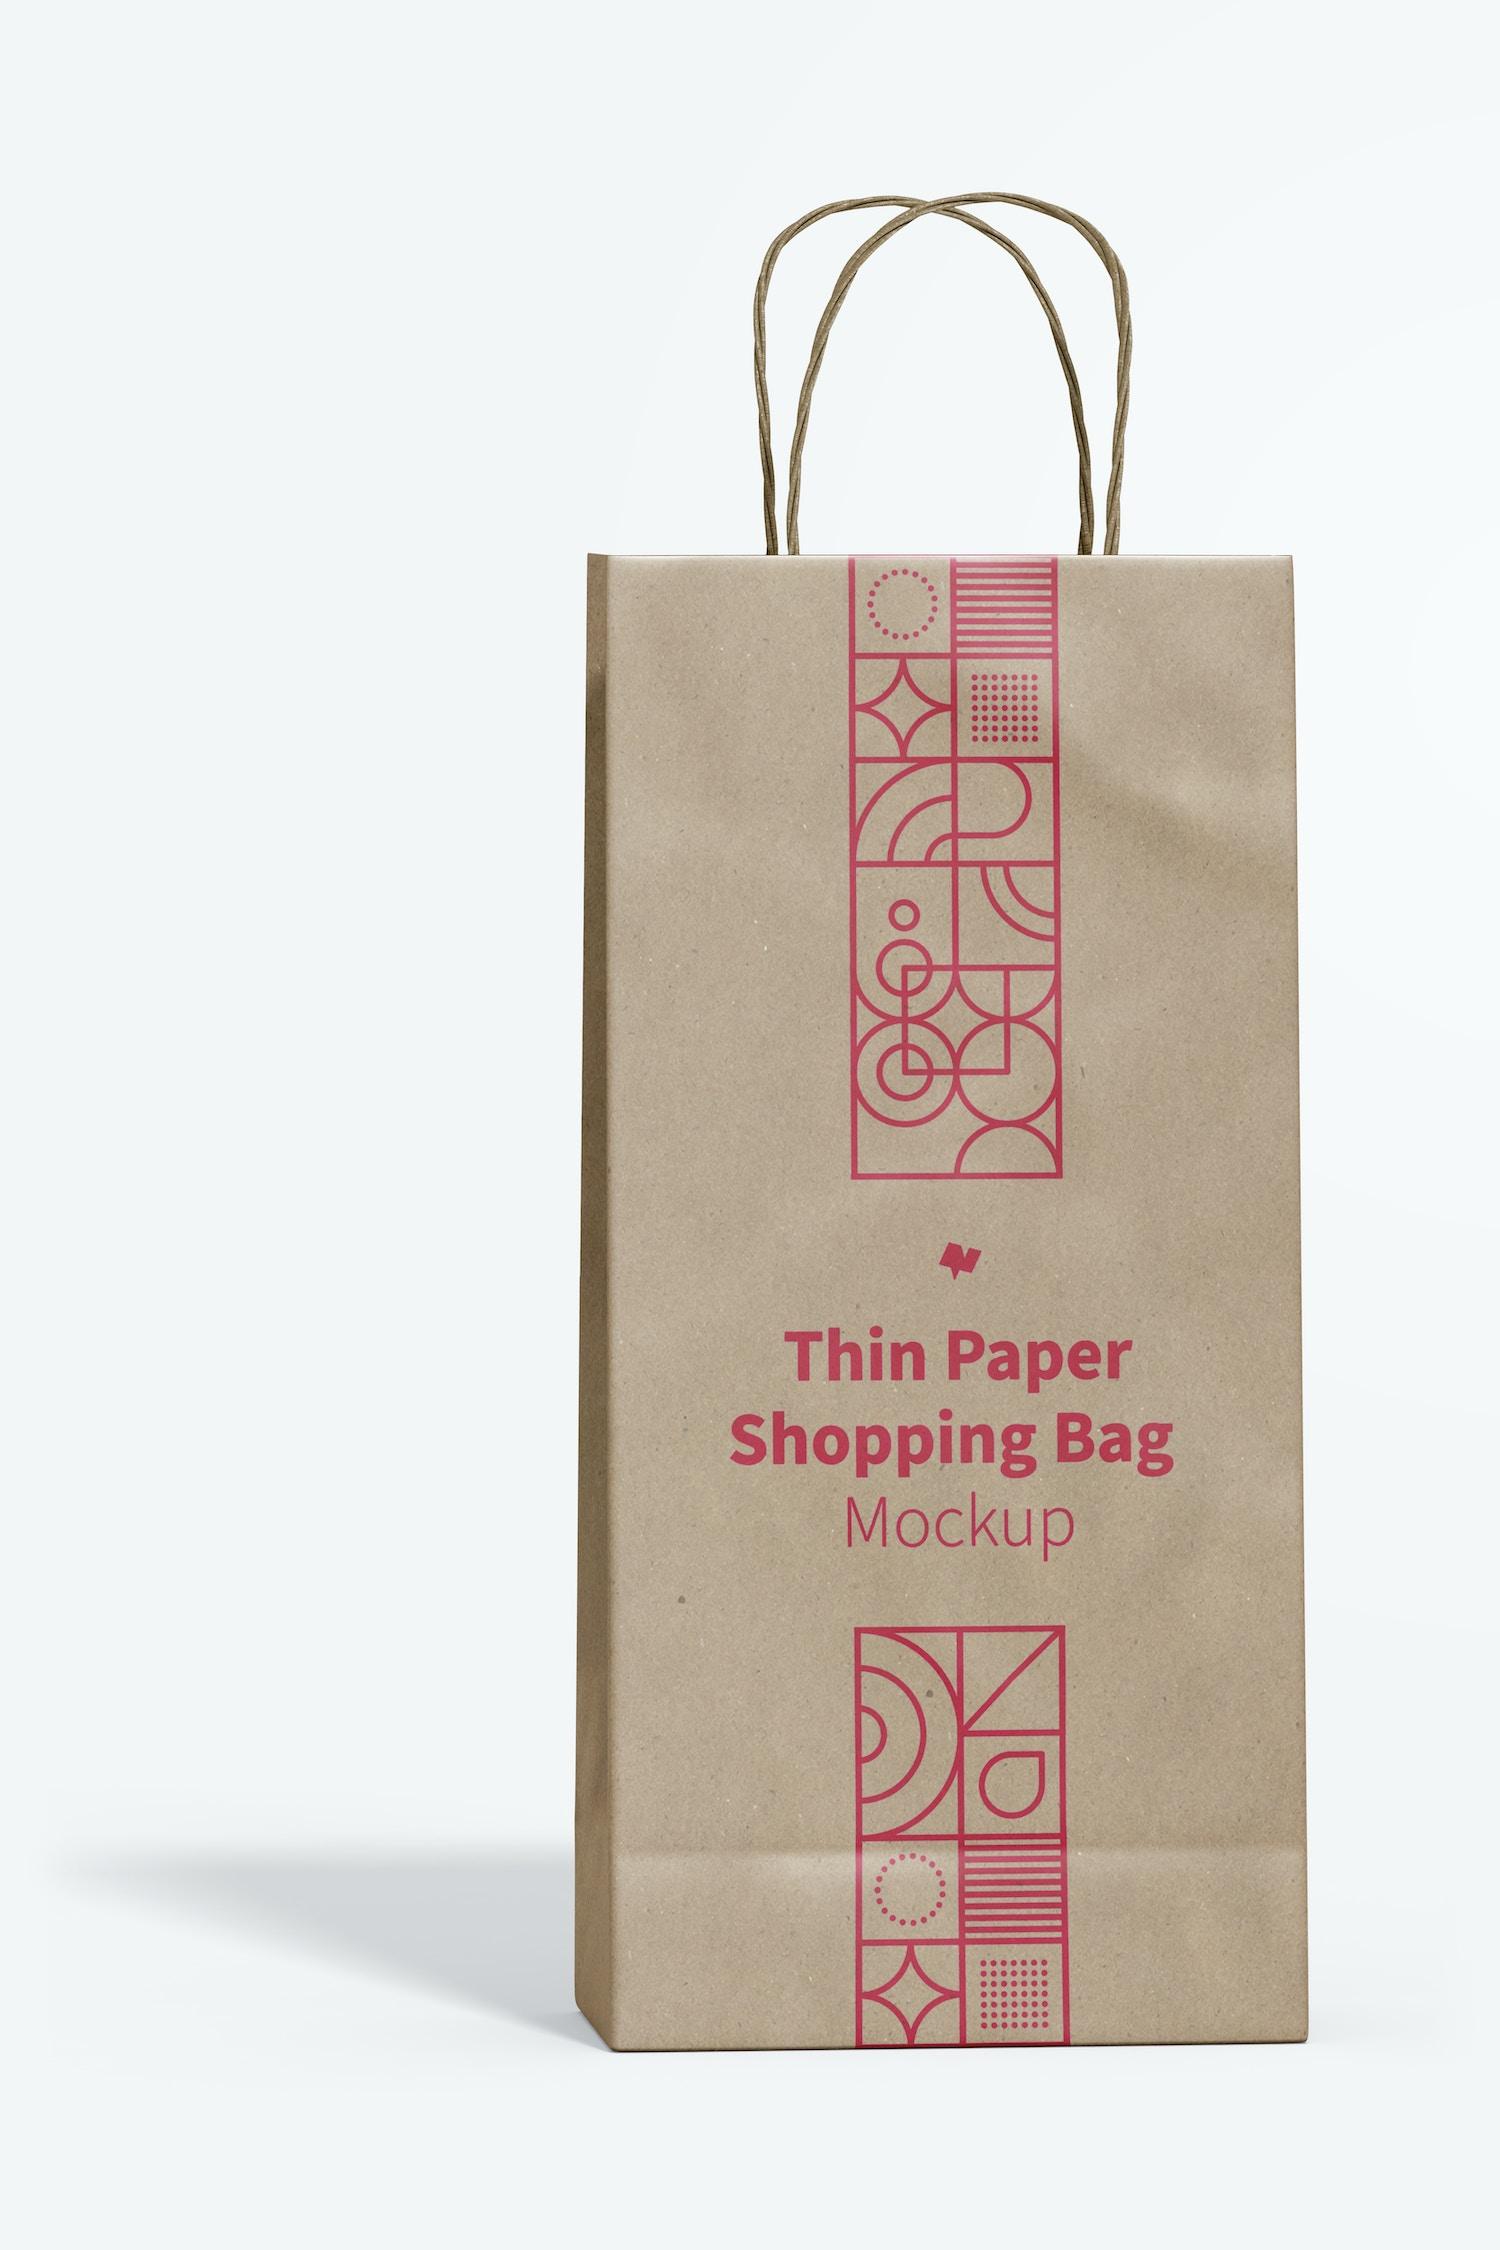 Thin Paper Shopping Bag Mockup